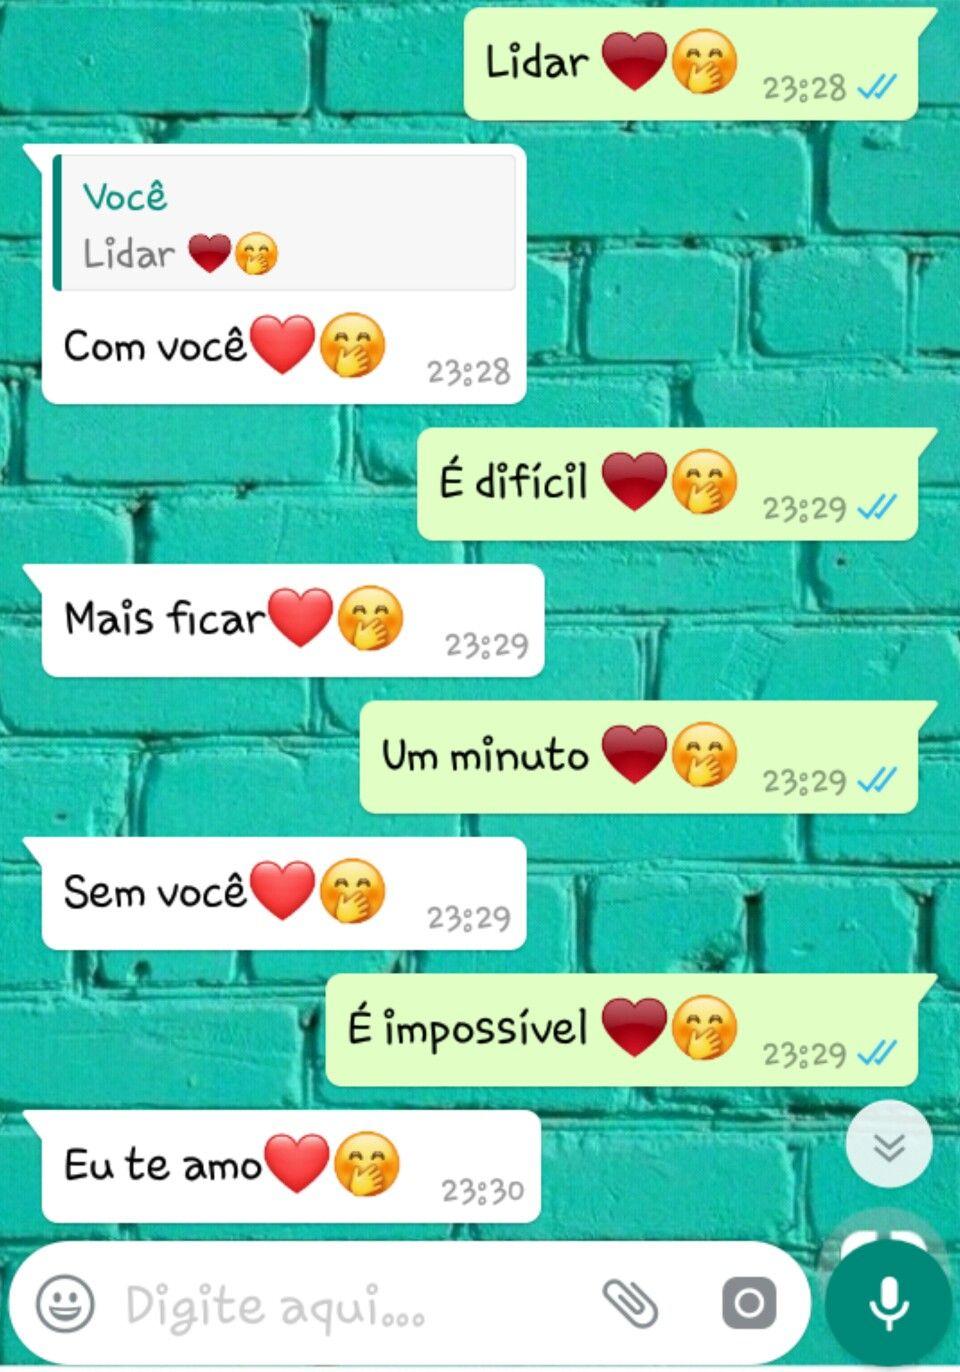 So Pros Casais Fofos Brincadeiras De Whatsapp Perguntas Prints Romanticos Brincadeiras Para Casais